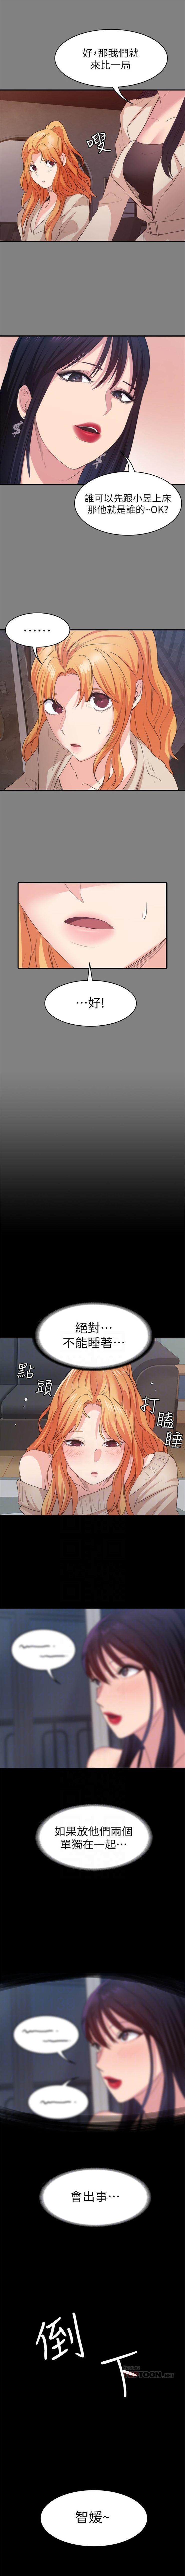 (周2)退货女友 1-23 中文翻译(更新中) 104